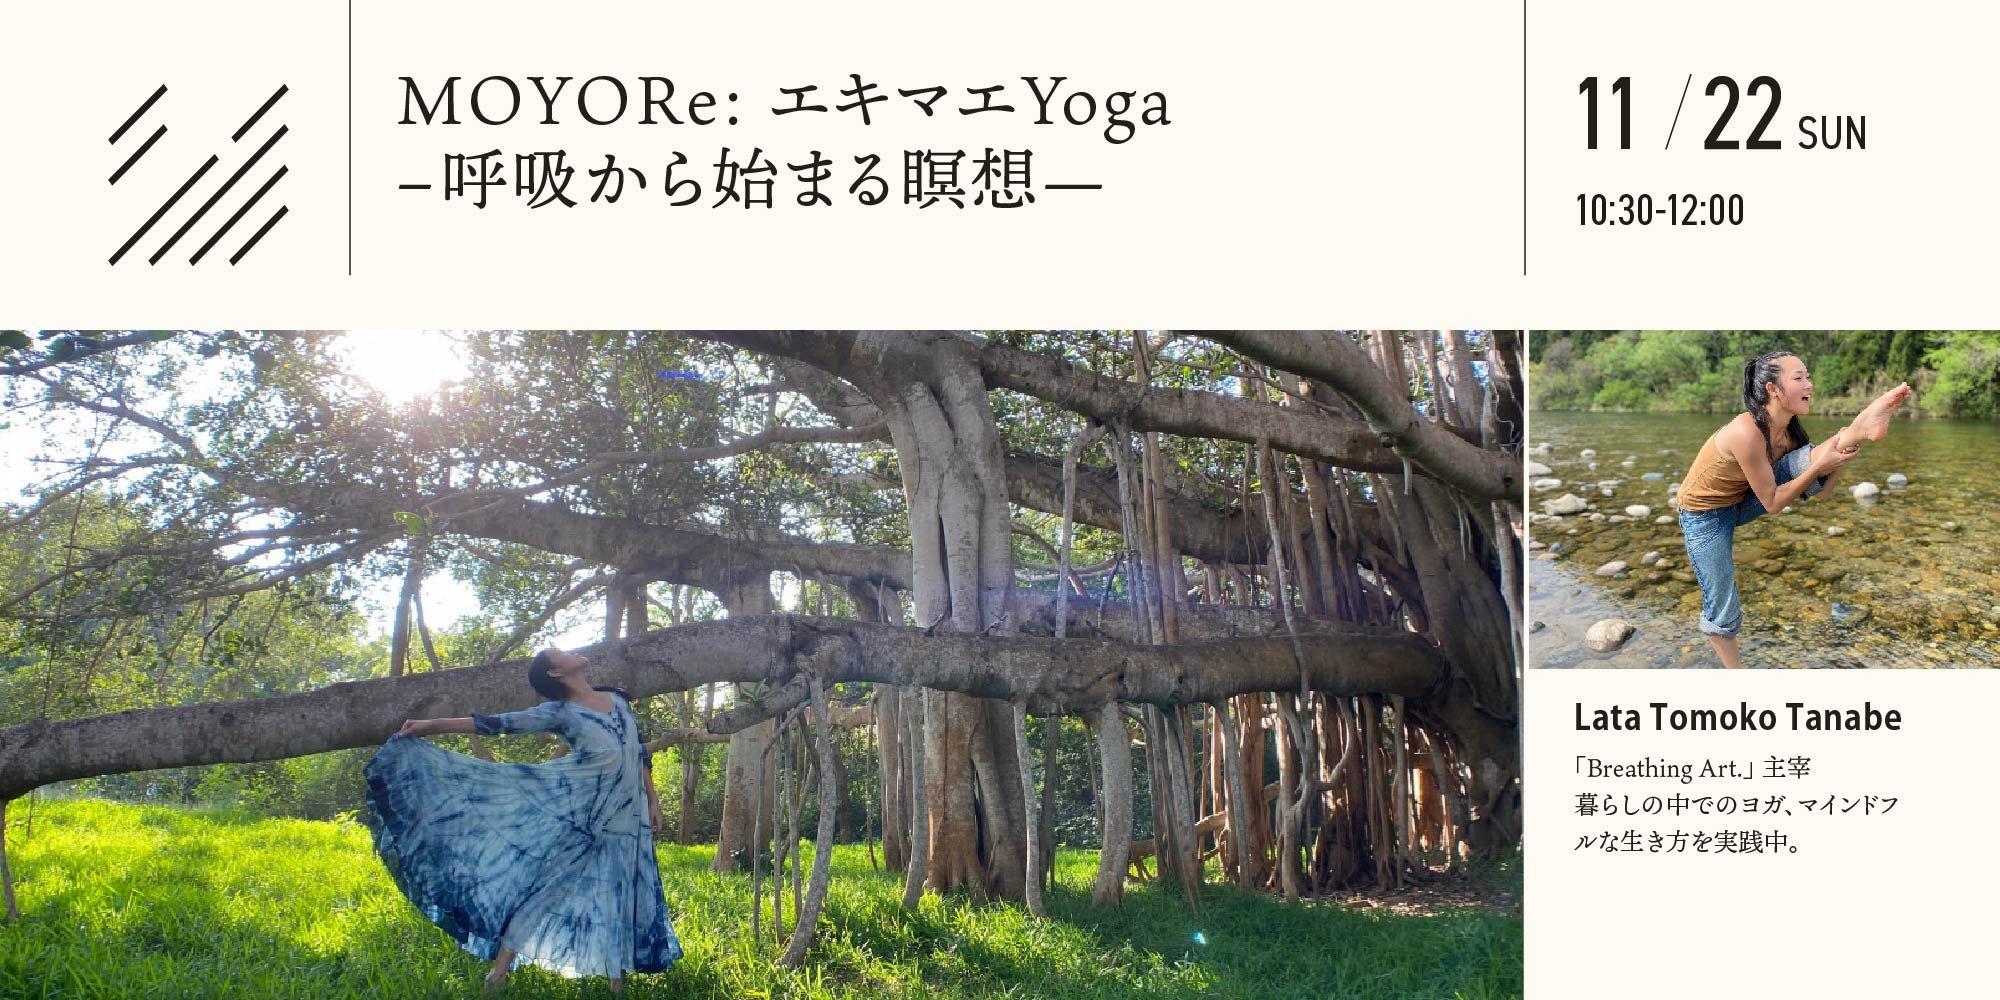 MOYORe: エキマエYoga –呼吸から始まる瞑想—